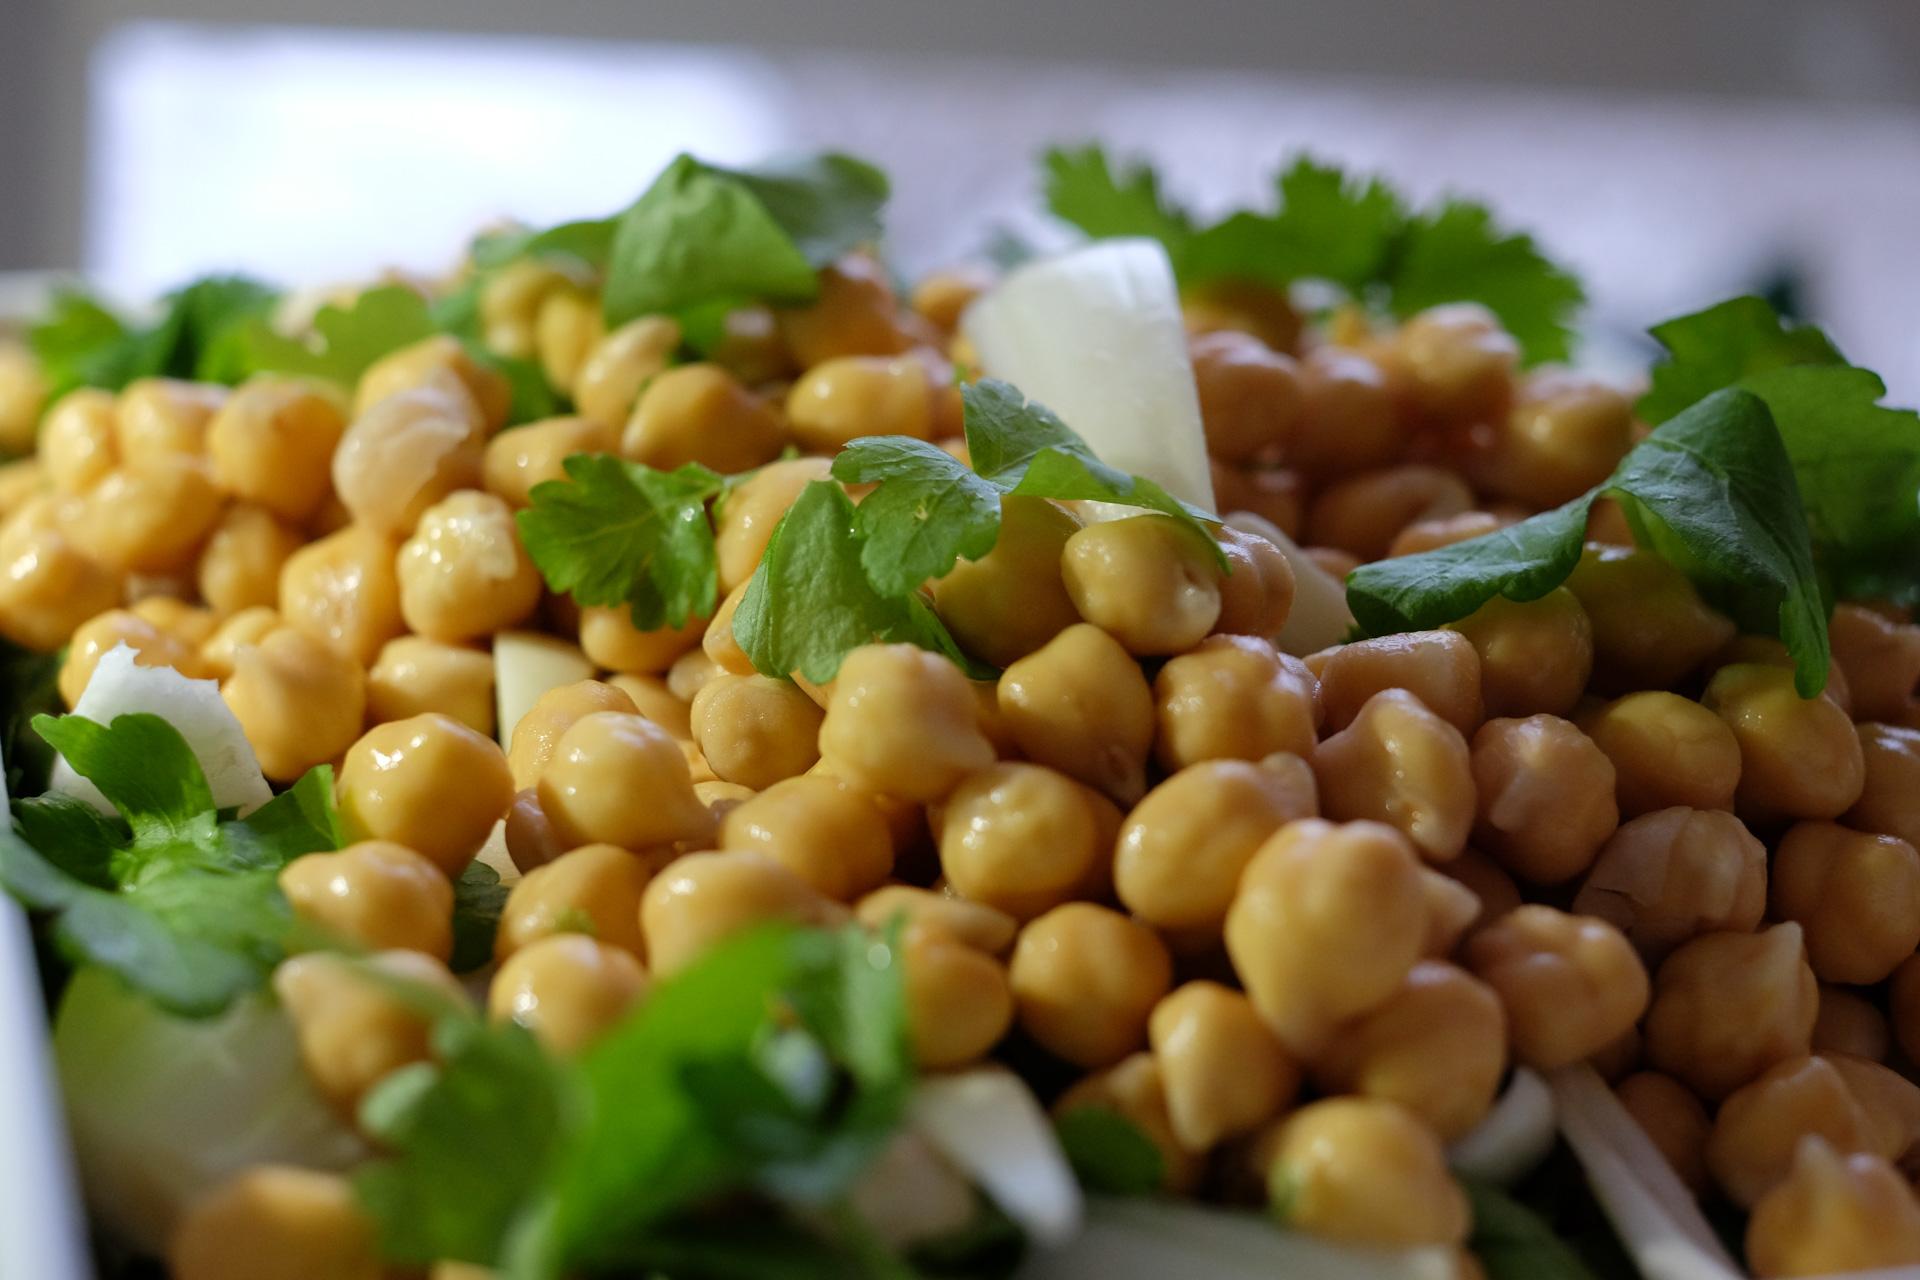 Falafel-aineet ennen jauhamista: kikherneitä, lehtipersiljaa, korianteria, sipulia ja valkosipulia